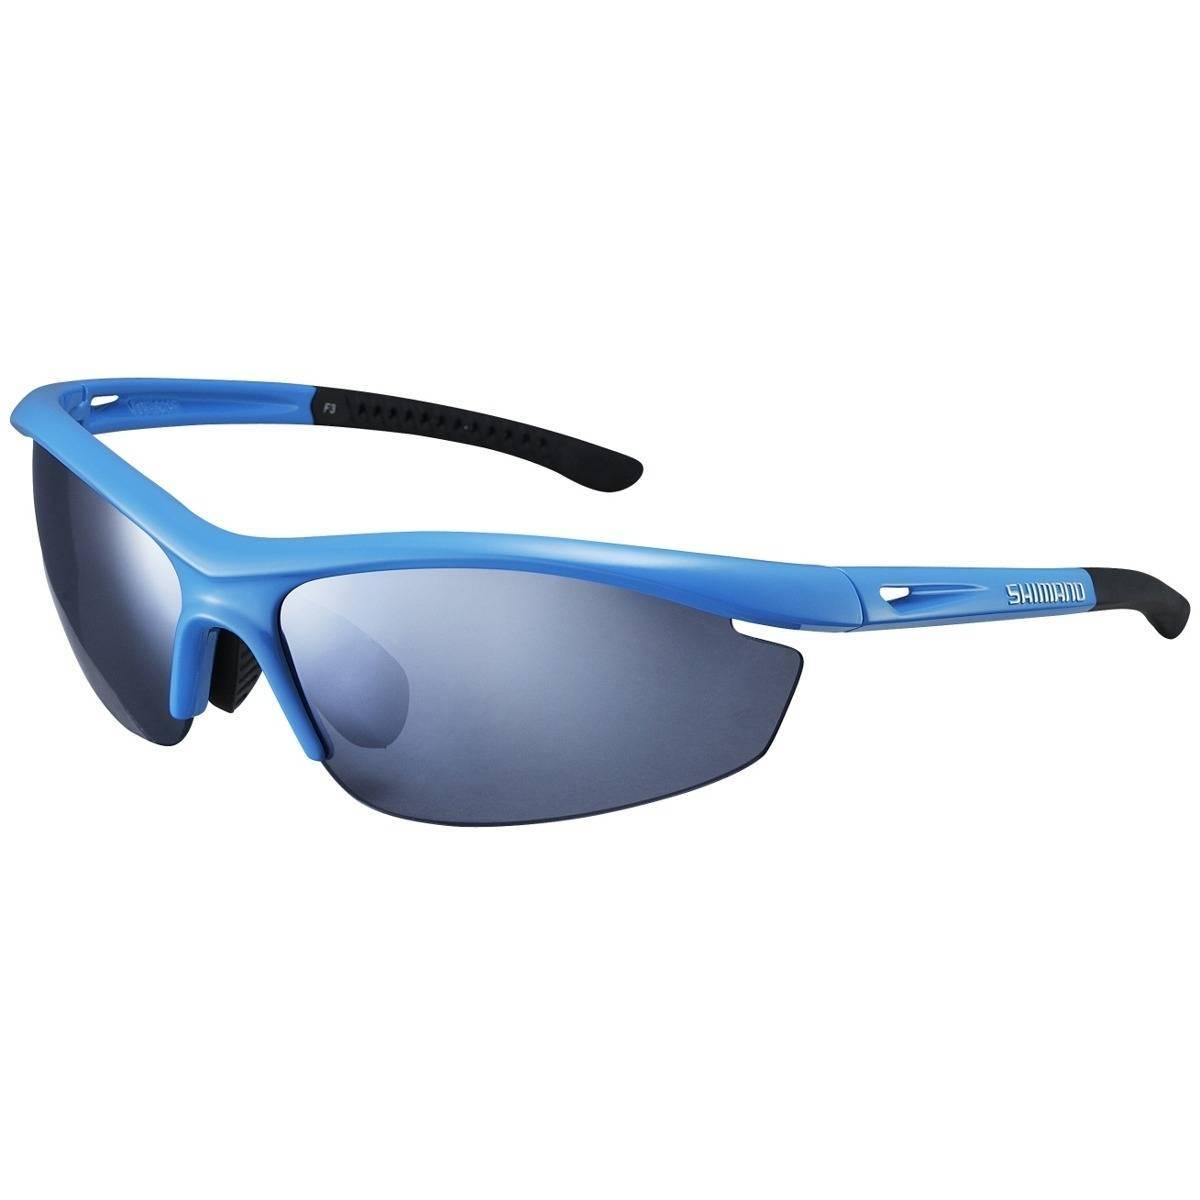 Óculos Shimano S20R Azul Claro  - BIKE ALLA CARTE